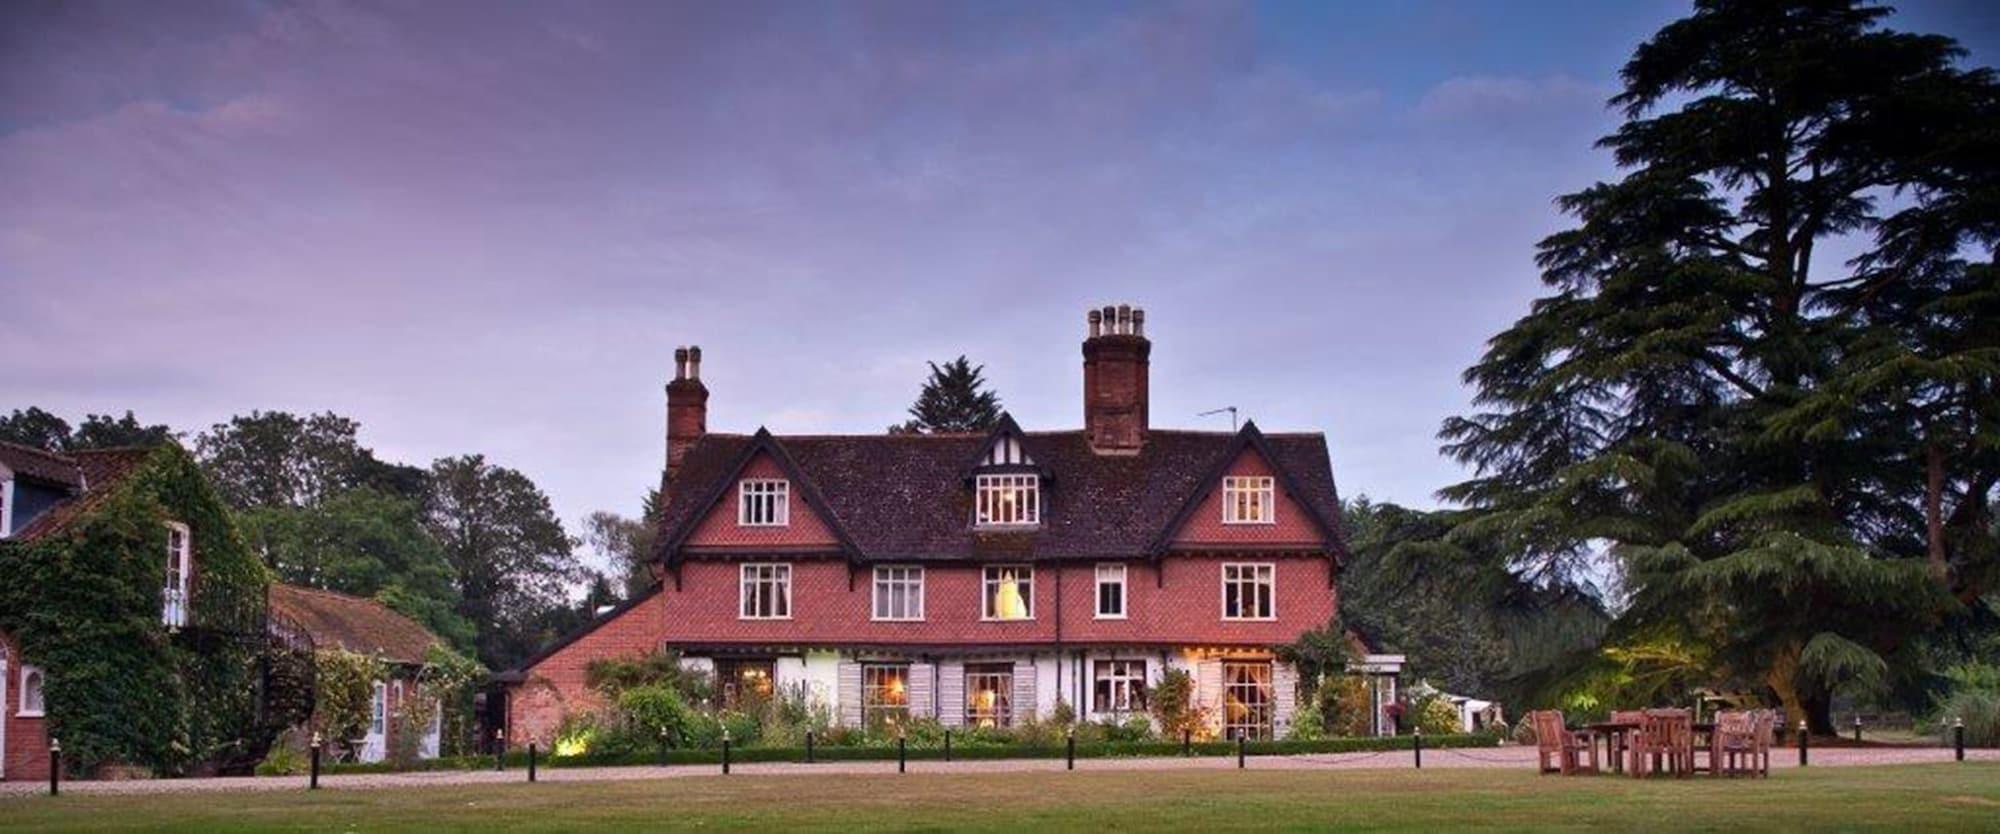 Ravenwood Hall Hotel, Suffolk